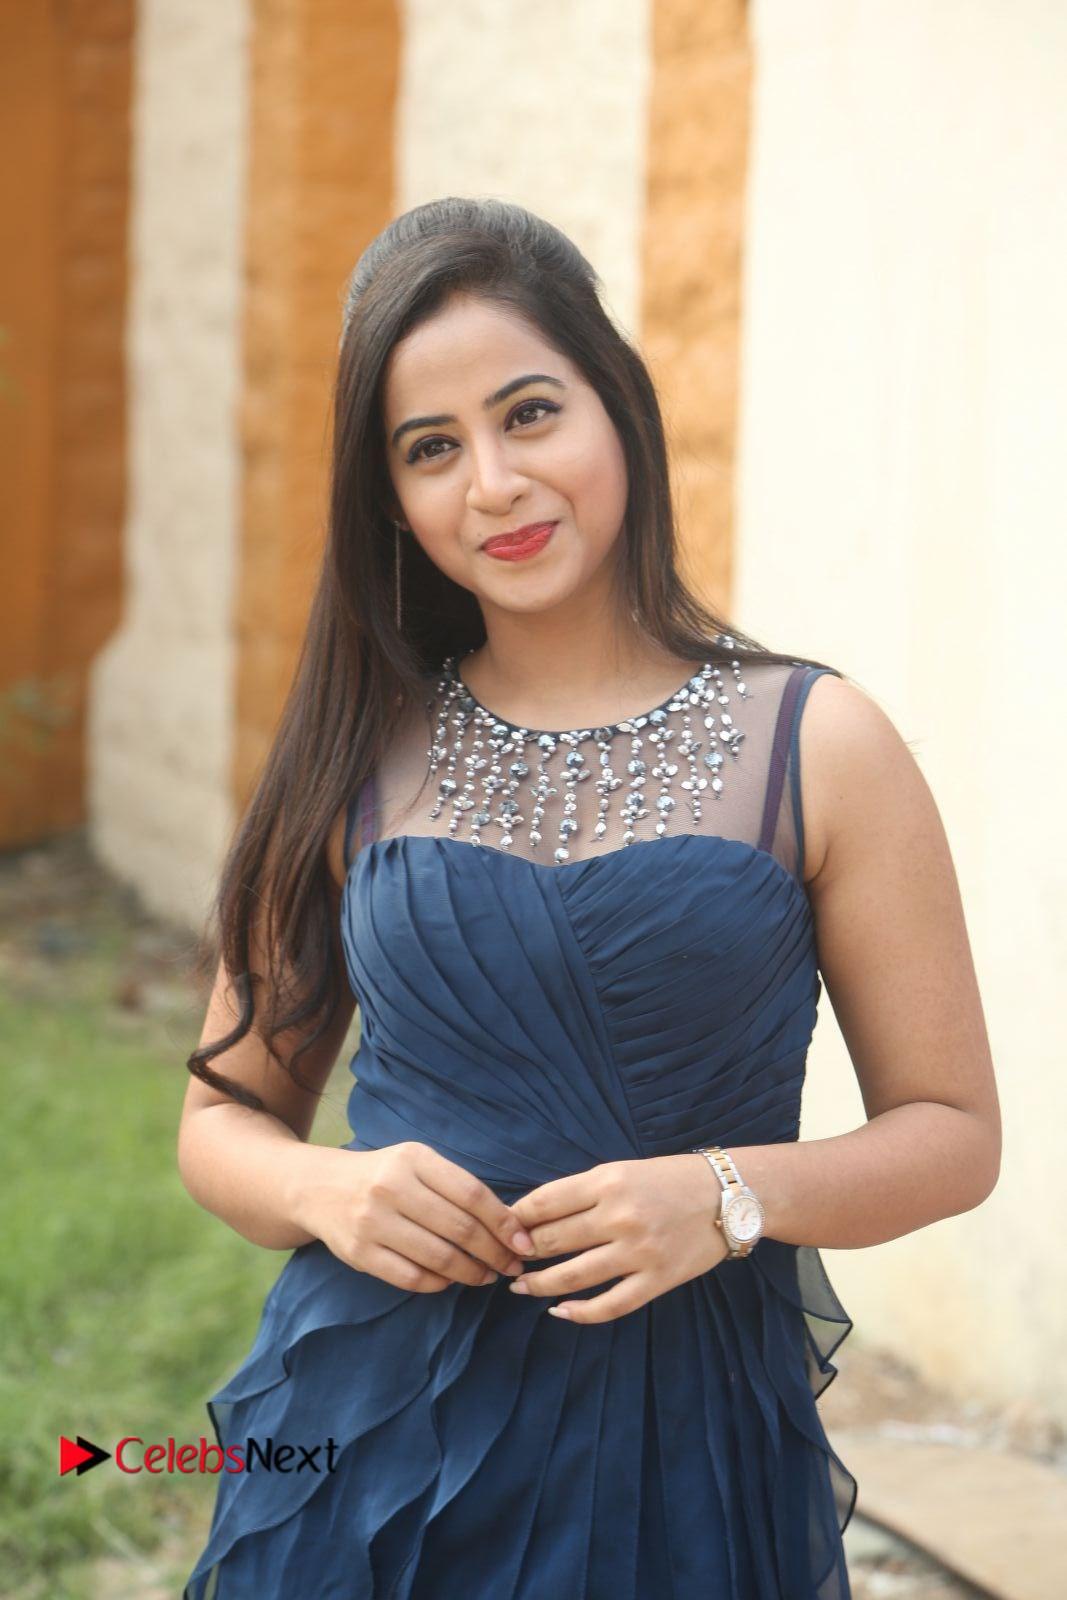 Swati Dixit